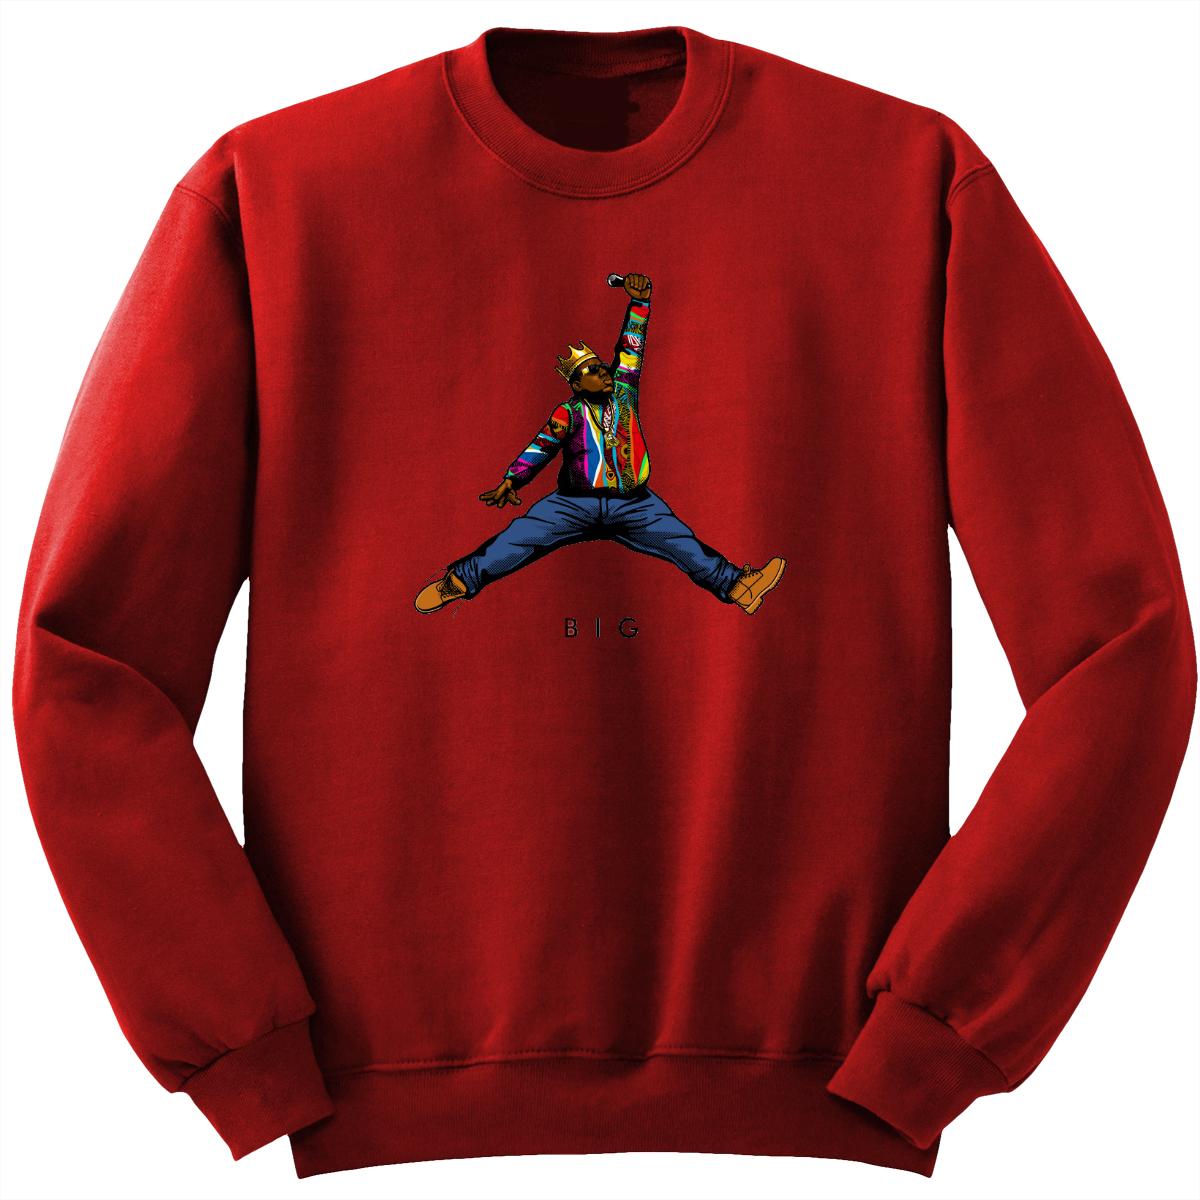 Biggie Jumpman Crewneck Sweatshirt